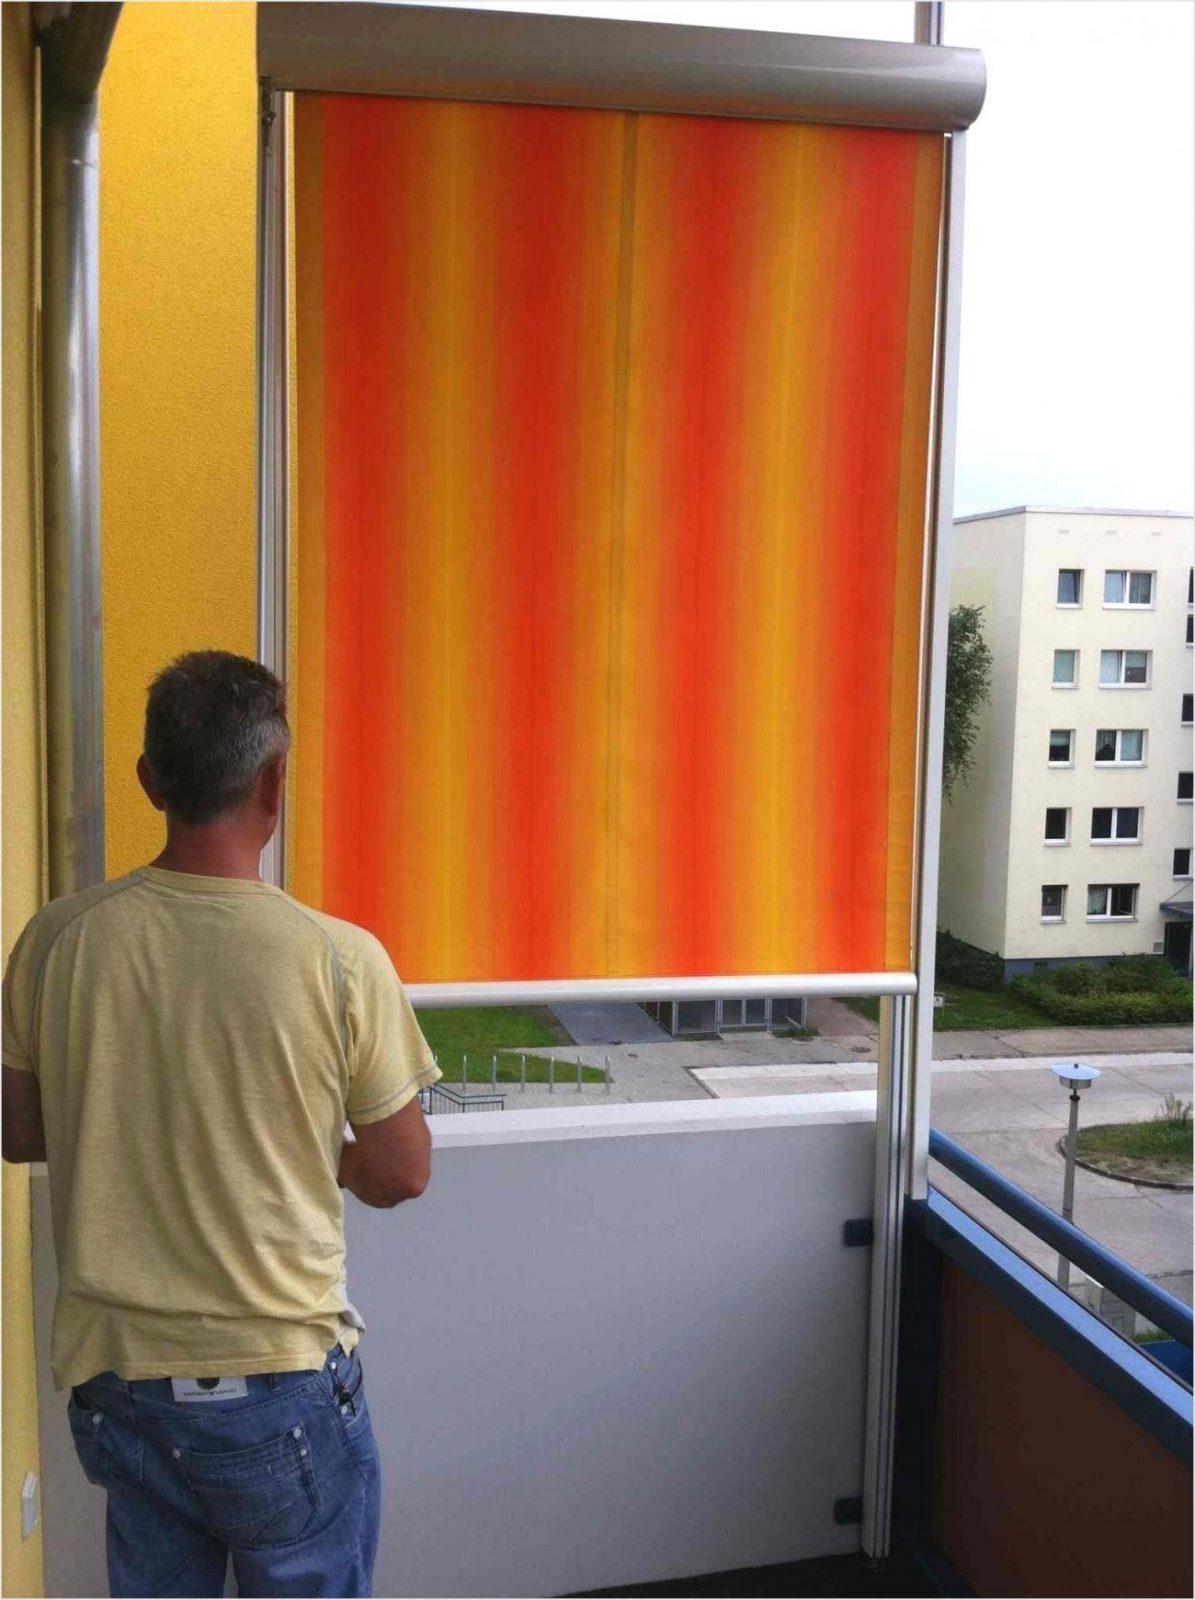 Fresh Erstaunlich Balkon Sichtschutz Seitlich Mx3Fo Windschutz von Seiten Sichtschutz Balkon Ohne Bohren Photo